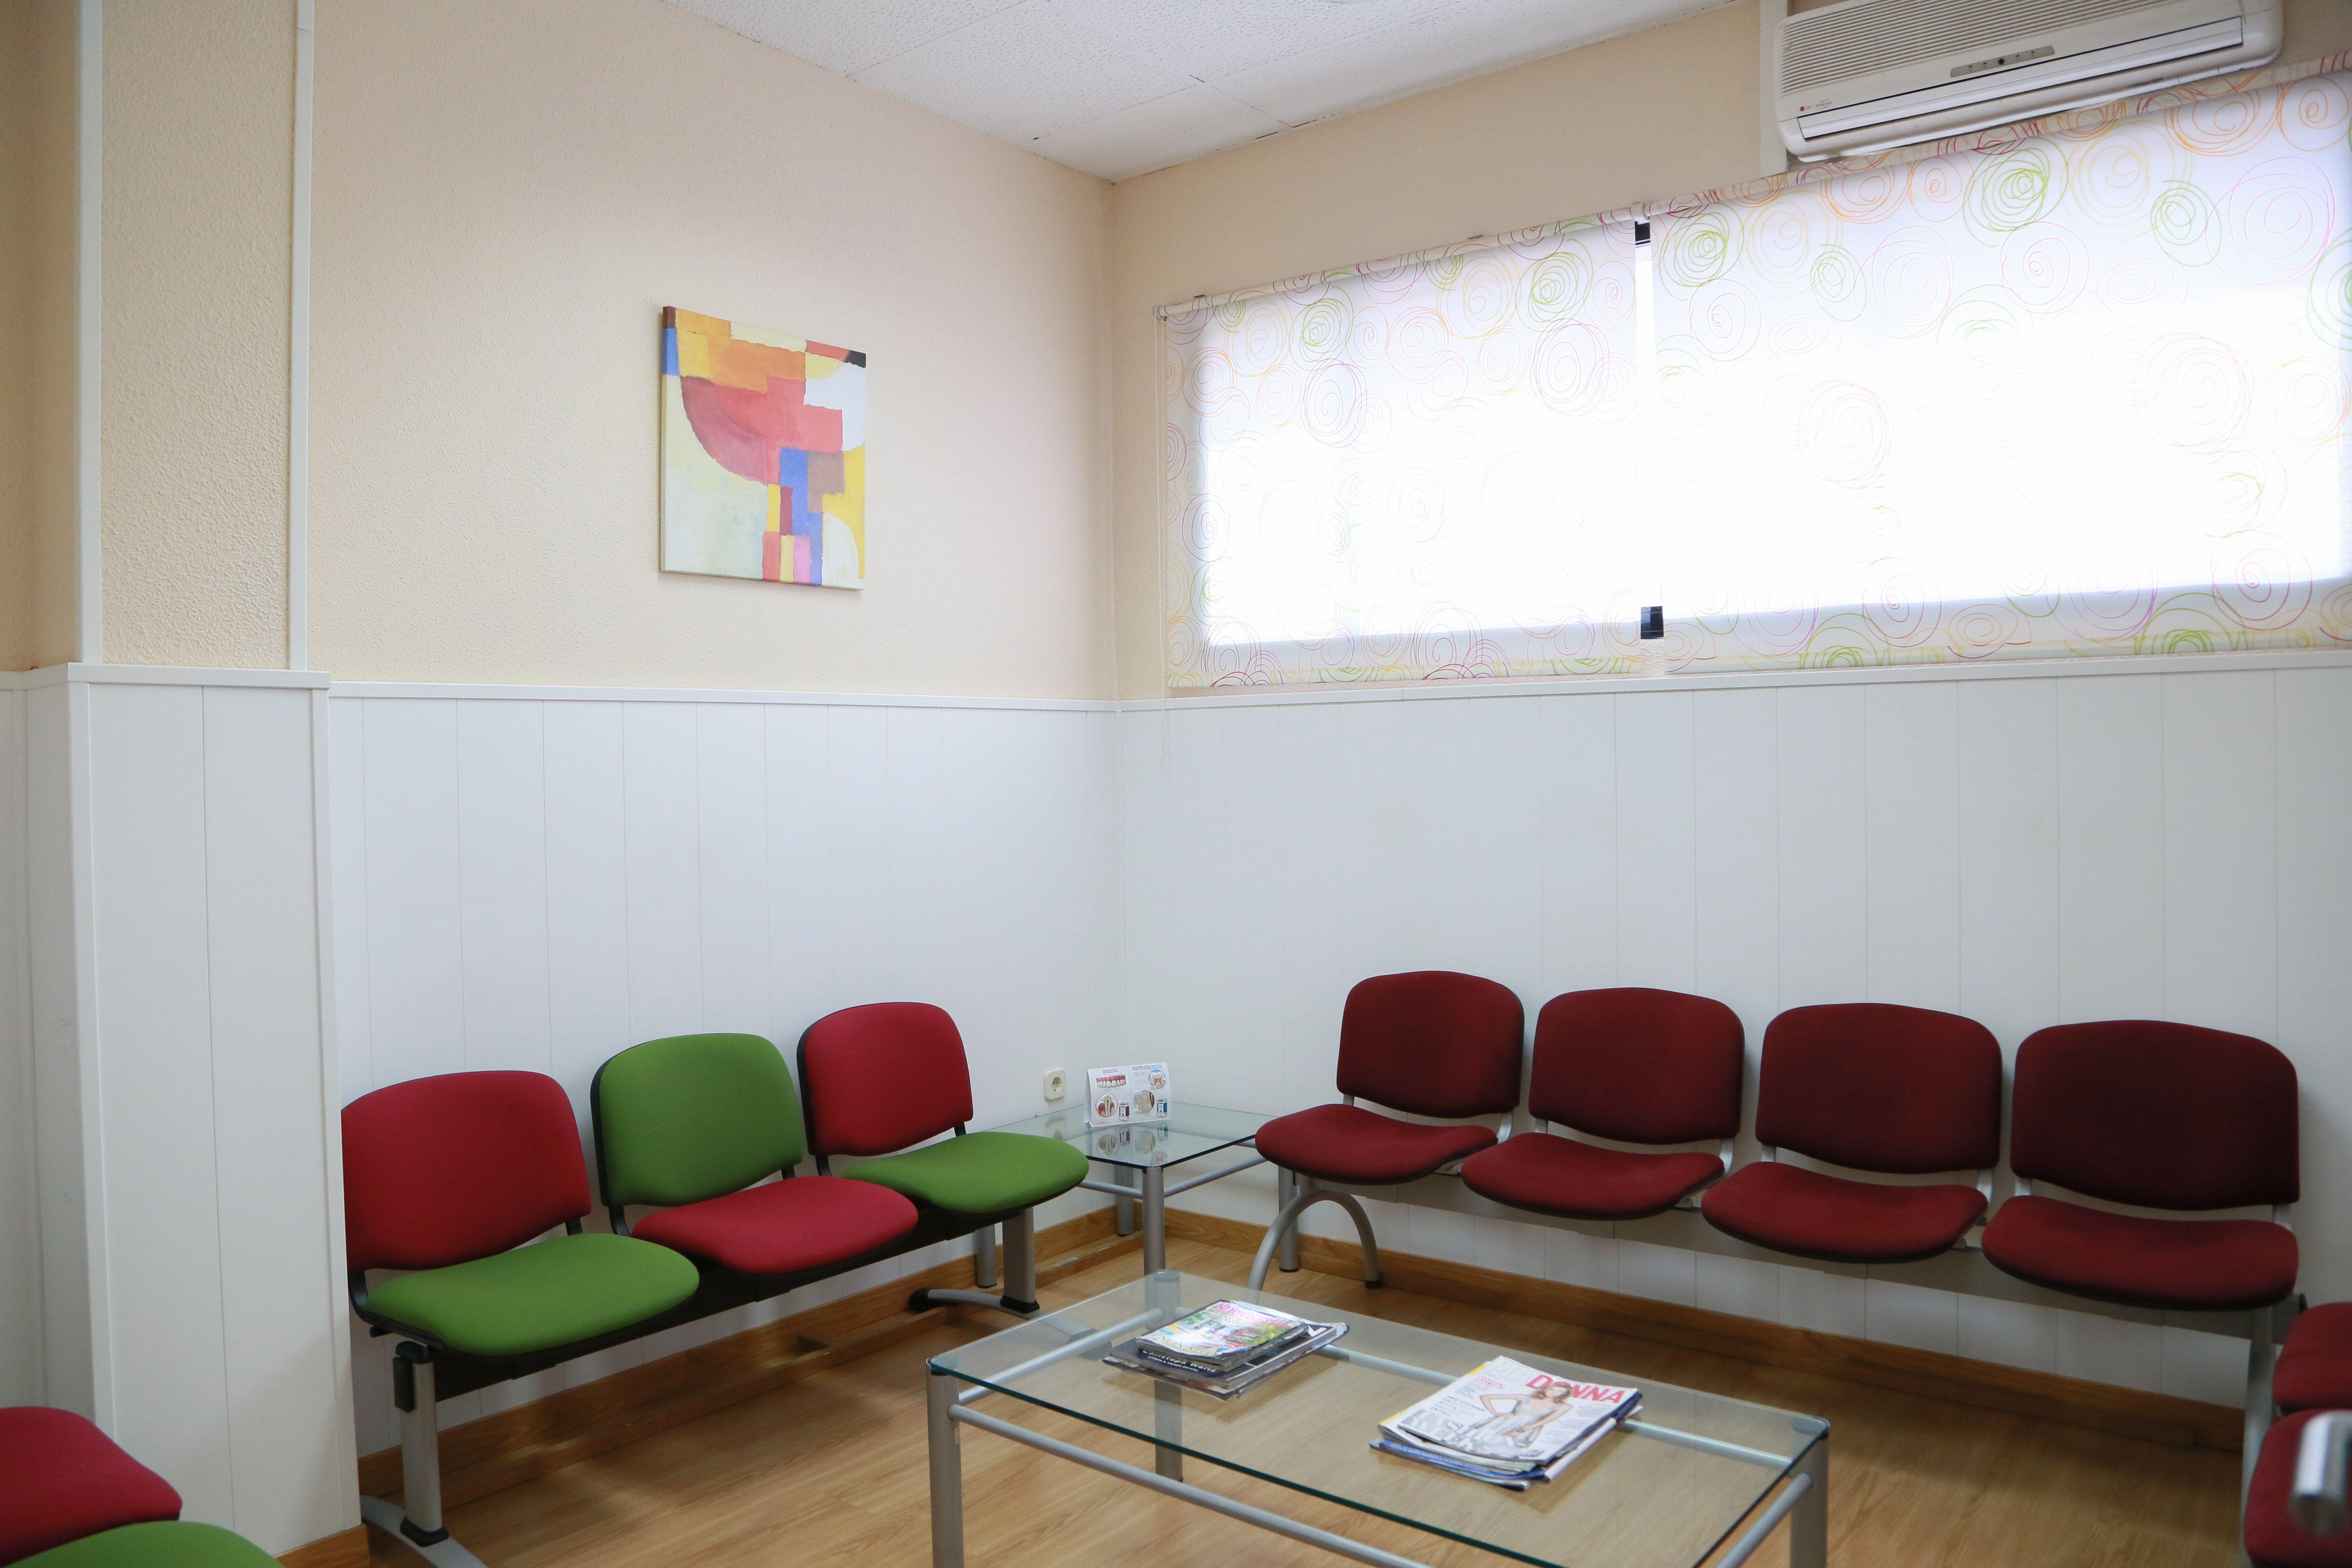 Foto 3 de Clínicas dentales en Parla | Centro Dental Parla